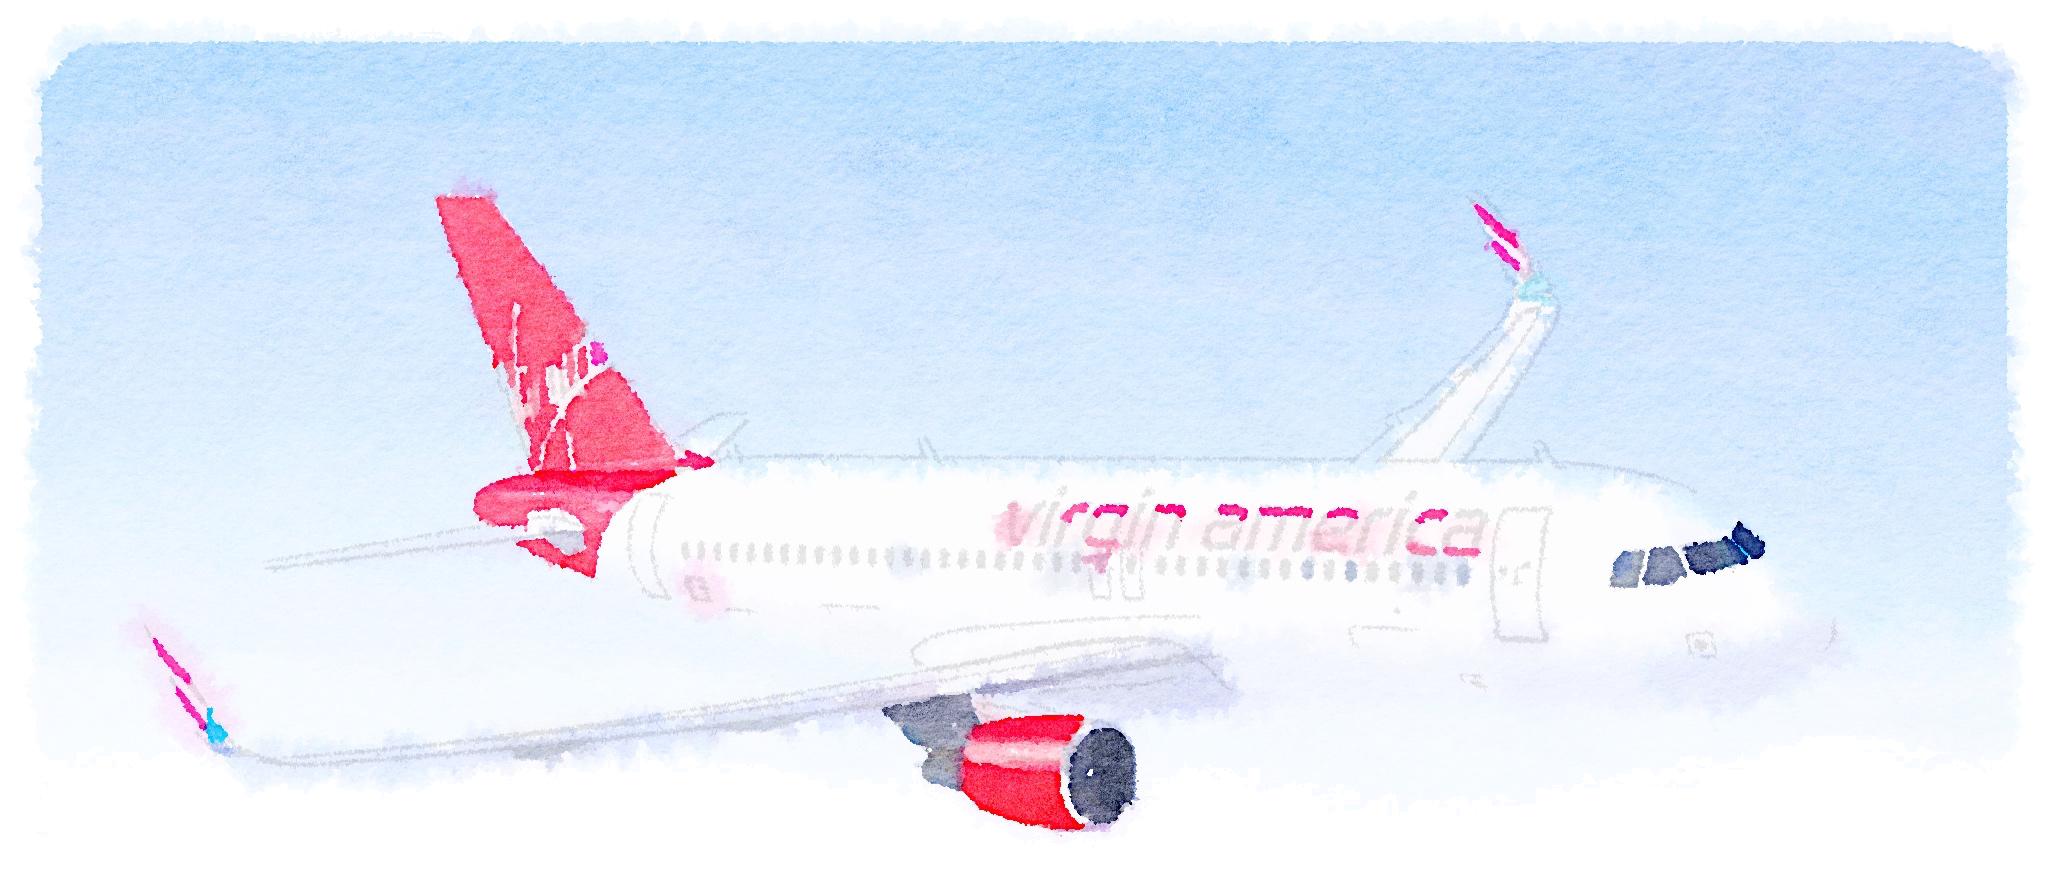 Virgin America Airplane.jpg